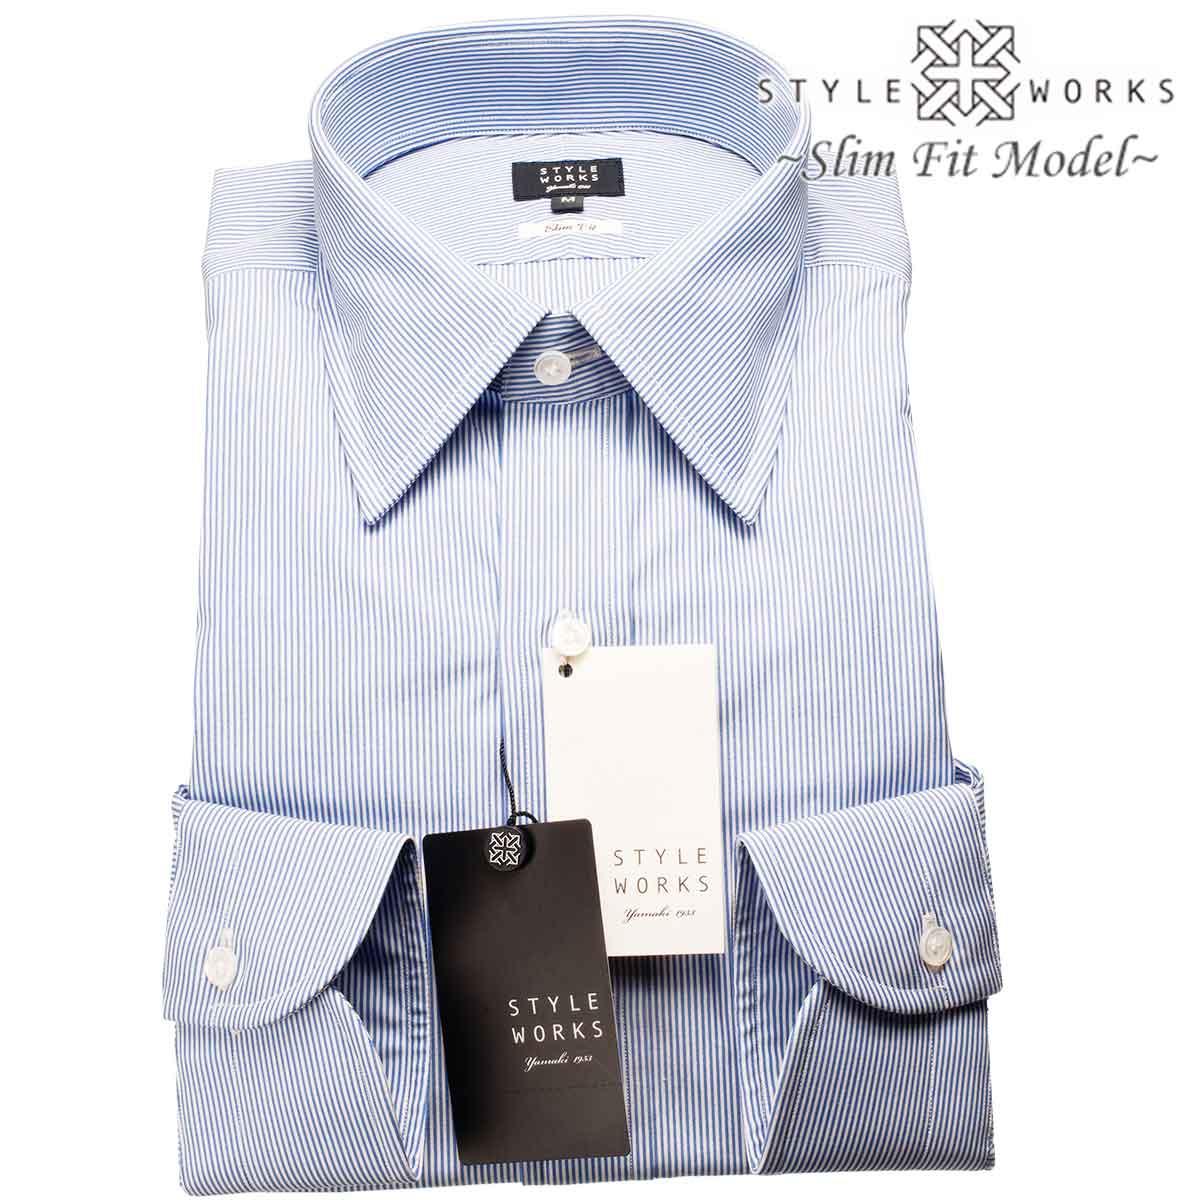 ドレスシャツ ワイシャツ シャツ メンズ 国産 長袖 スリムフィット GIZA88 レギュラーカラー ブルーペンシルブロックストライプ